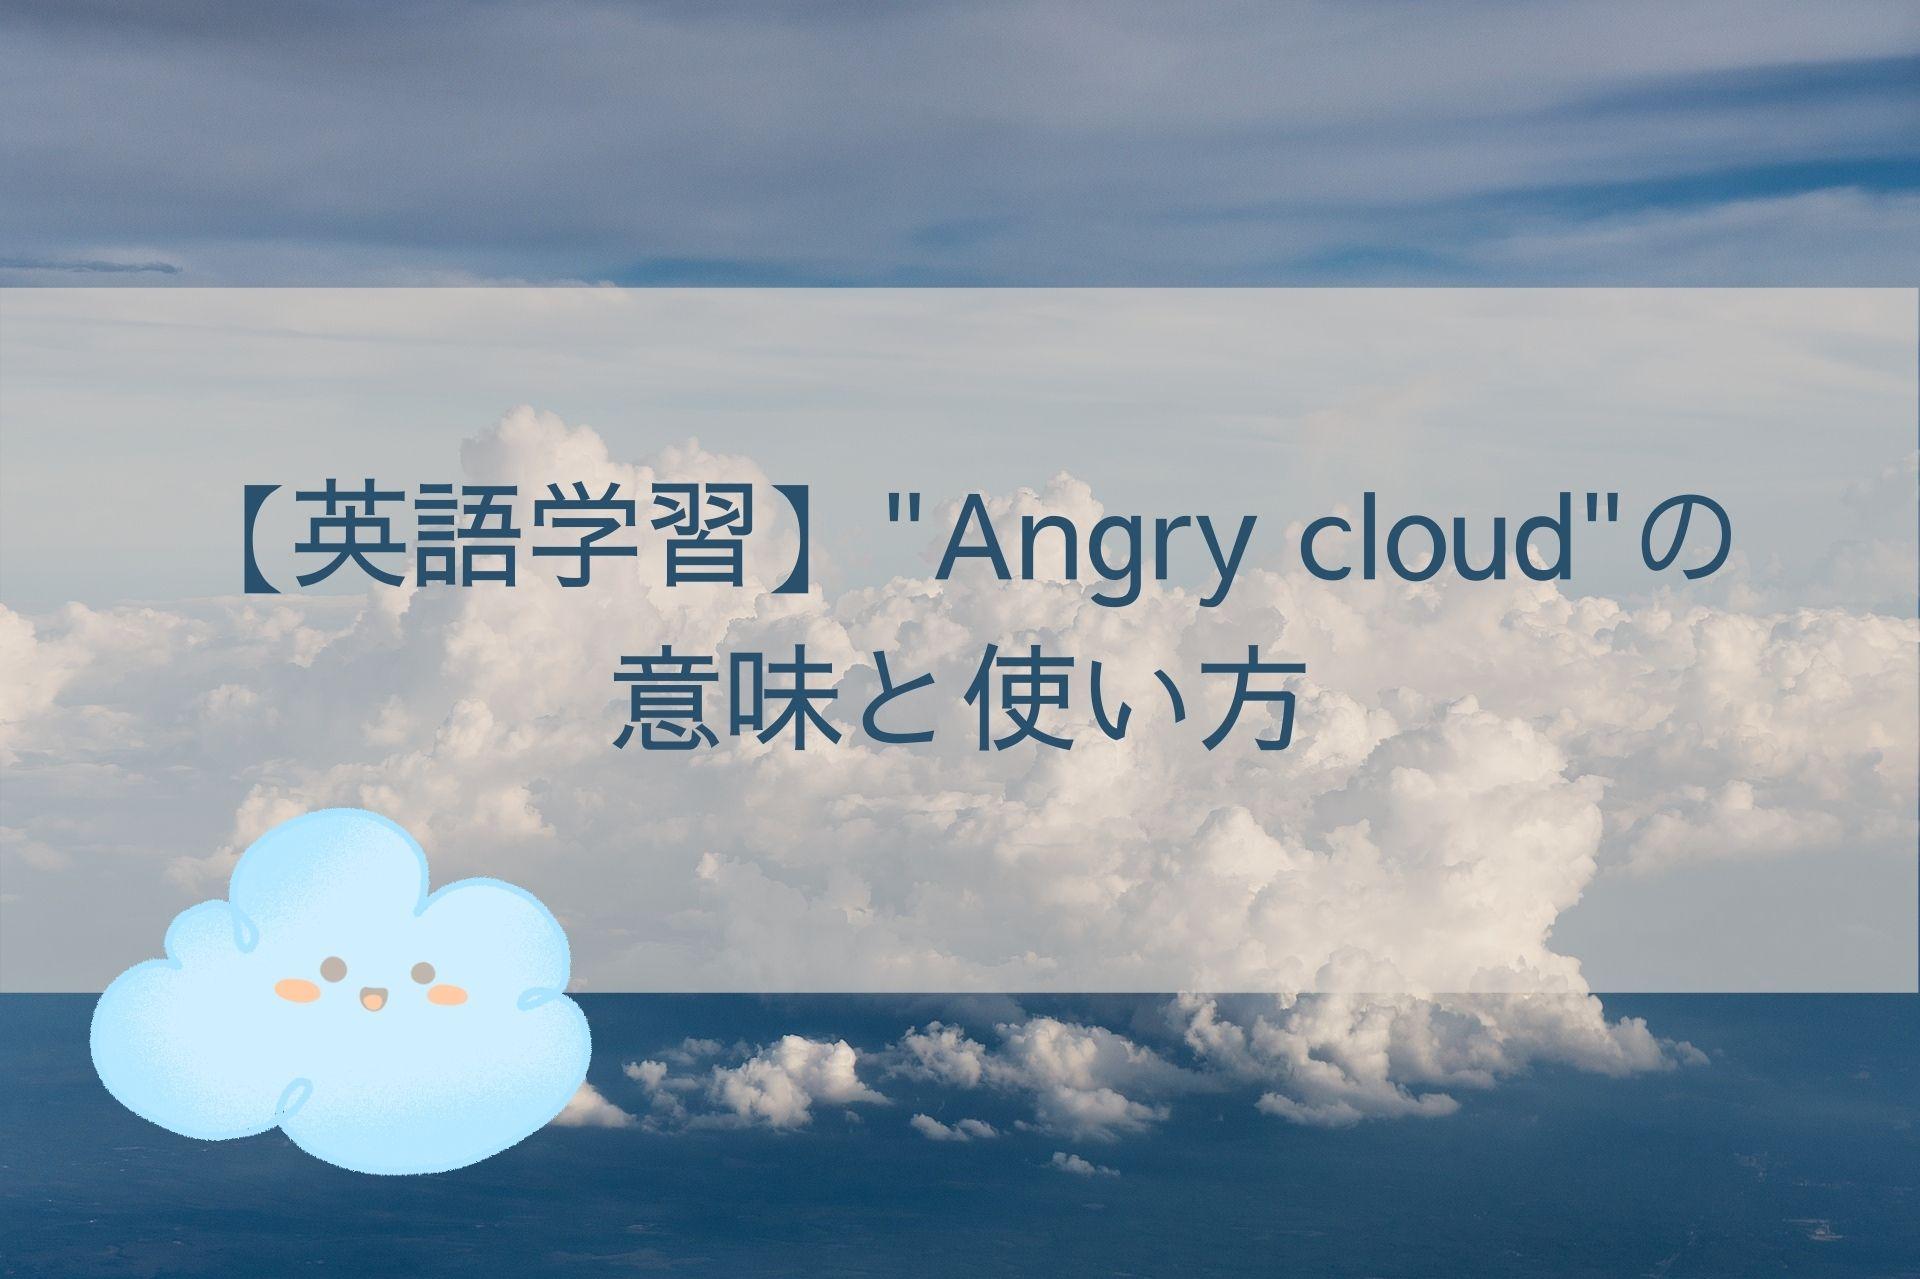 【英語学習】Angry cloudの意味と使い方